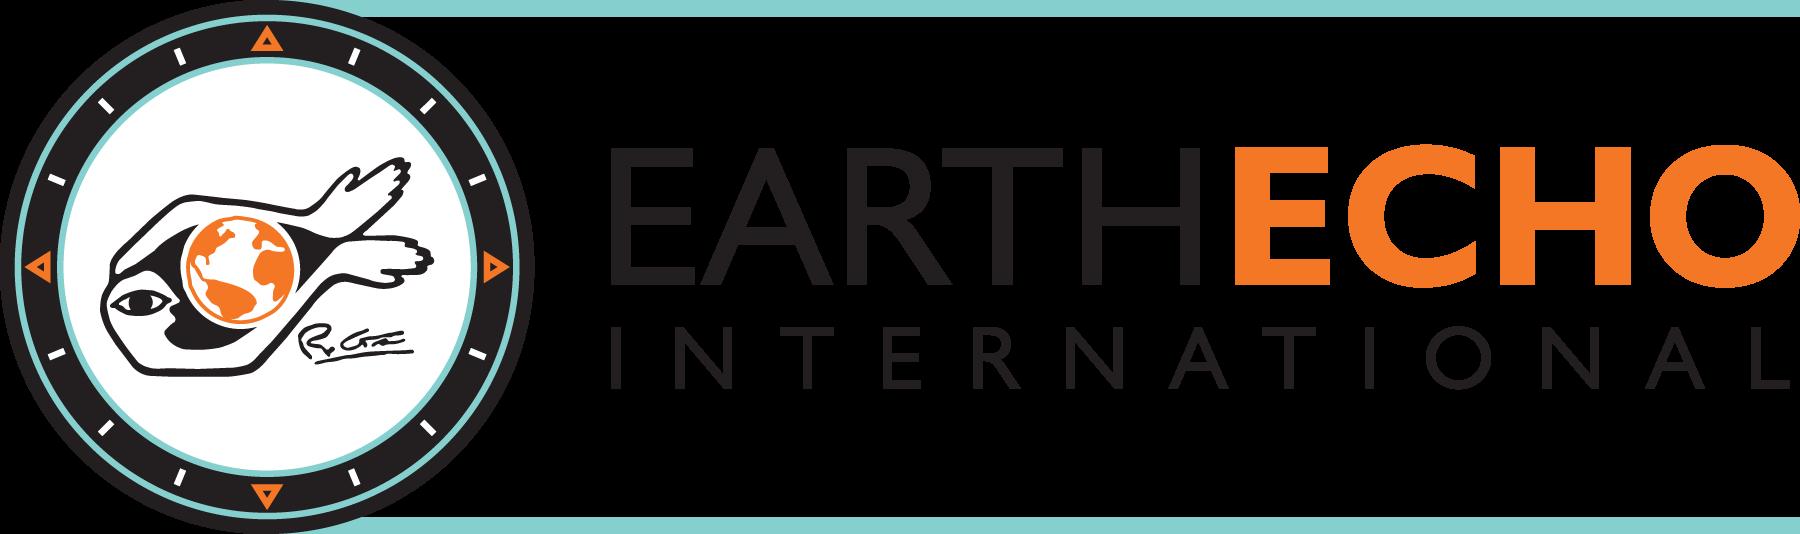 Earth Echo International